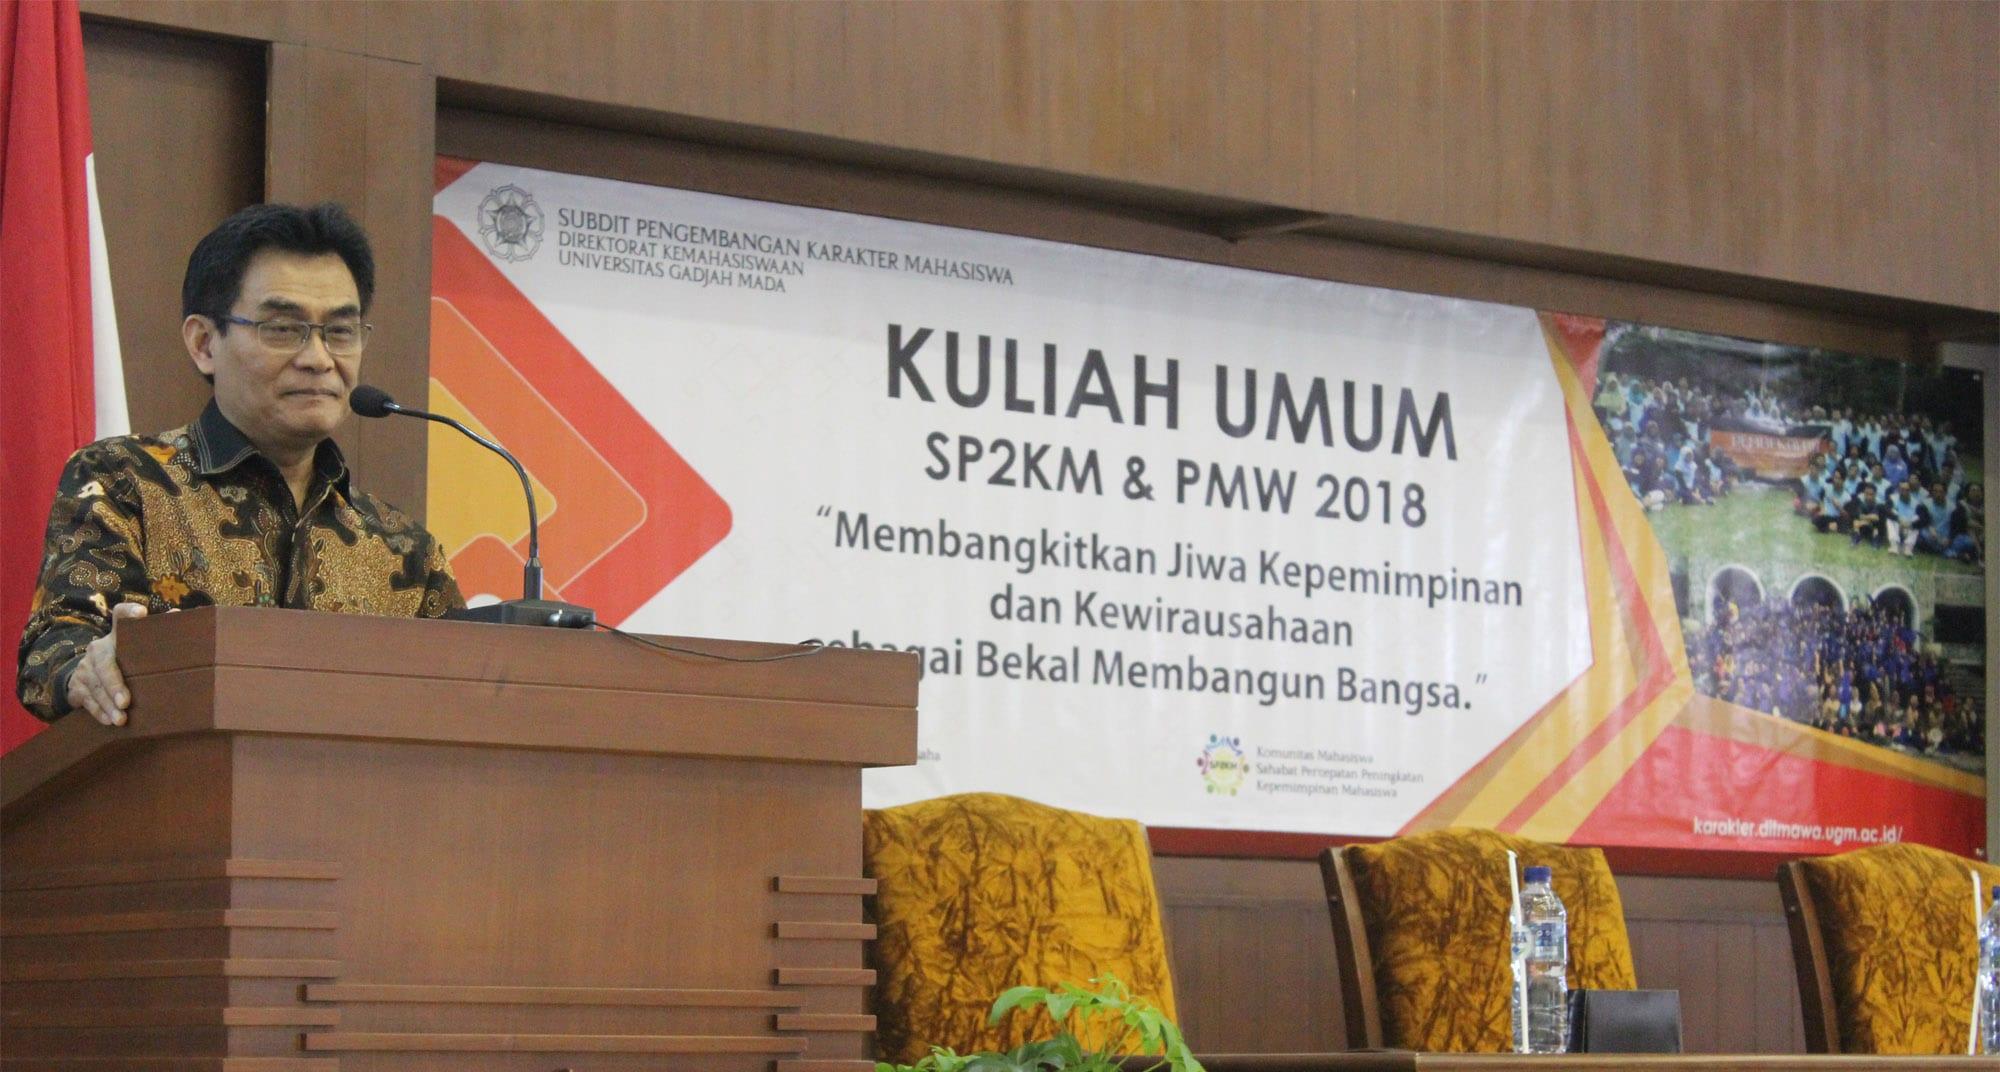 Kuliah Perdana Sinergi Karakter SP2KM & PMW 2018